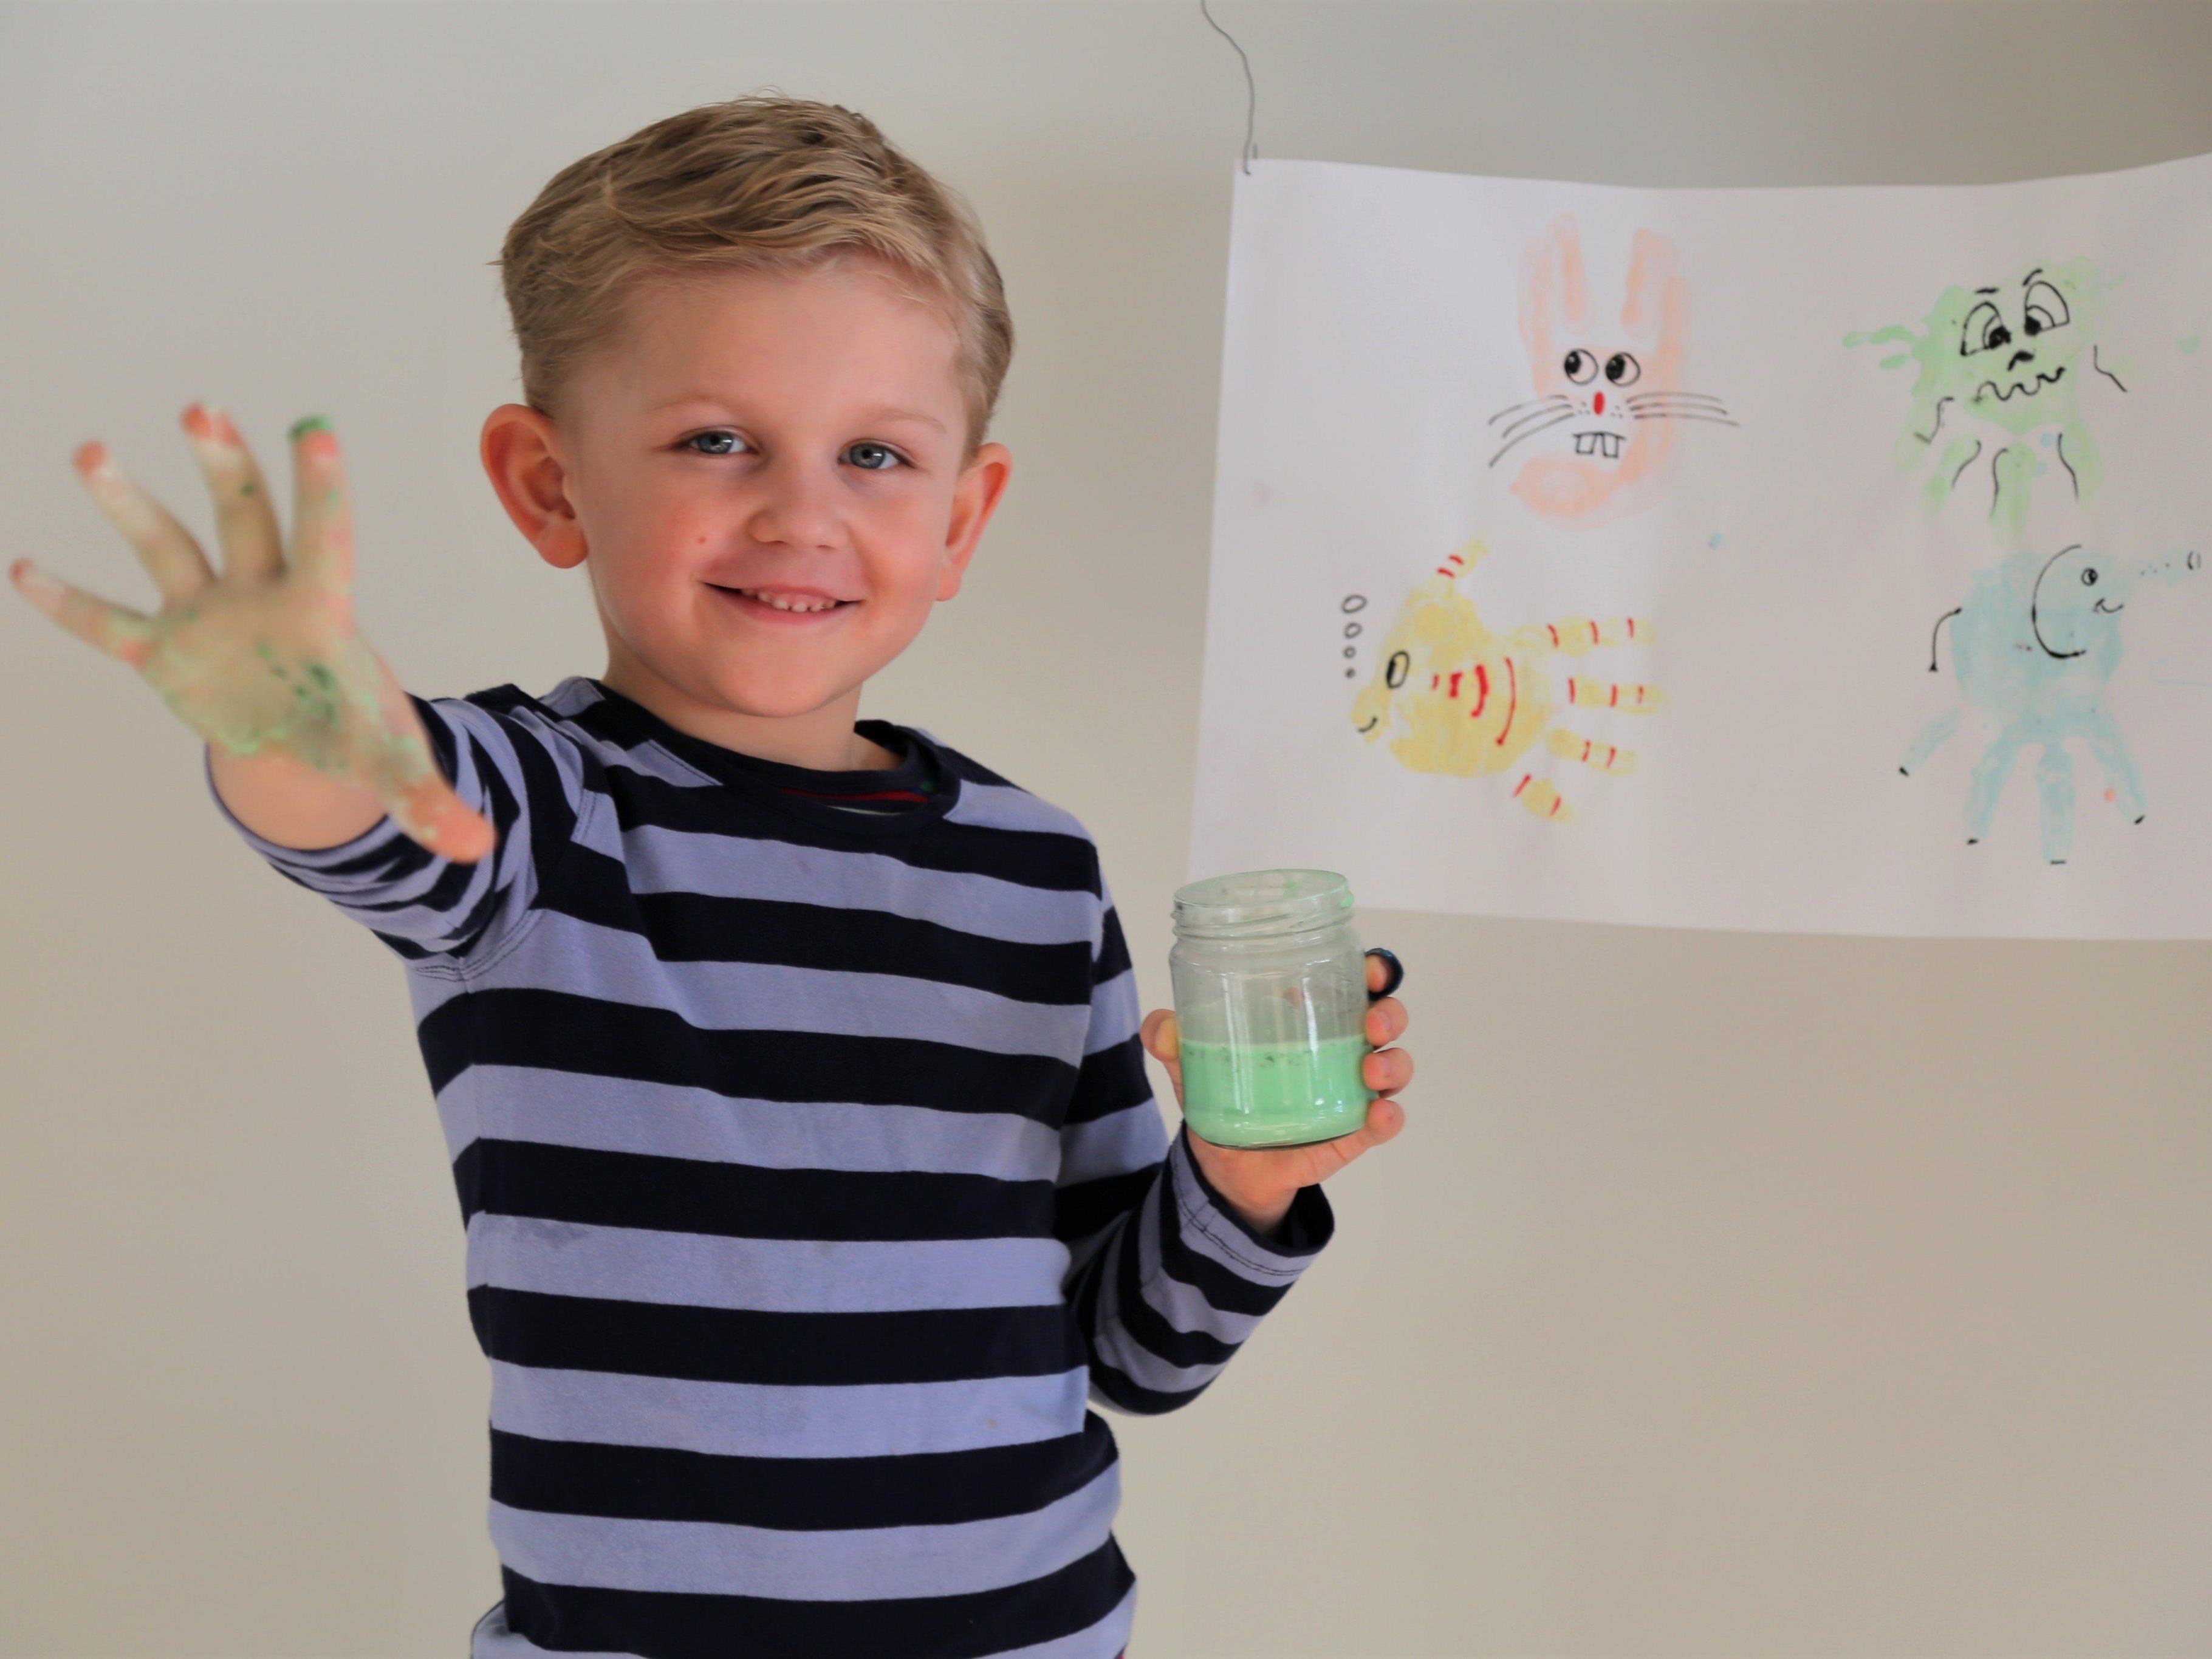 Jason Durell hatte einige Ideen zu den Fingerfarben direkt umgesetzt.